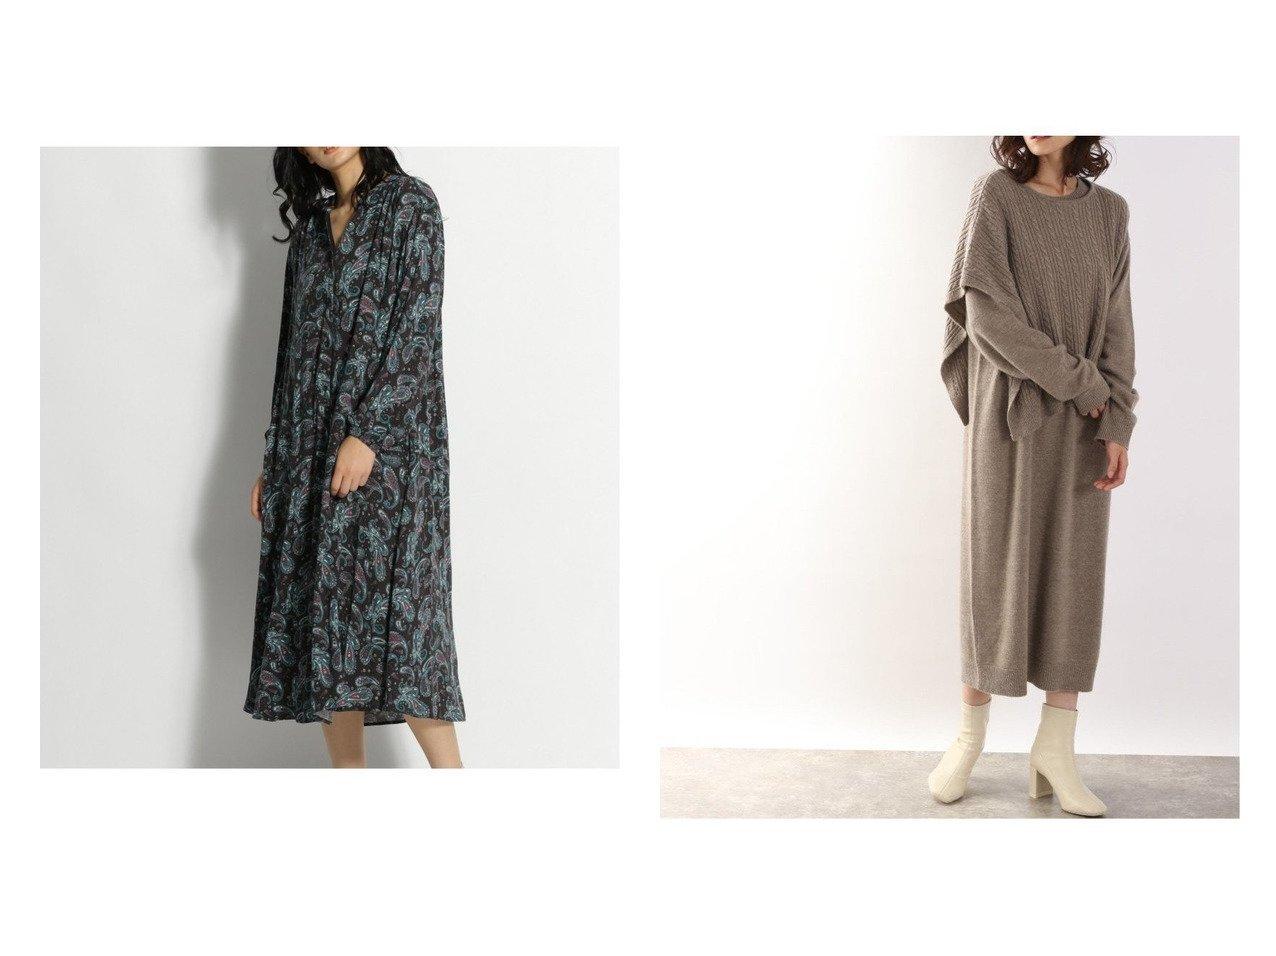 【LOWRYS FARM/ローリーズファーム】の7Gケーブルベスト2POP&【niko and…/ニコアンド】のペーズリーPTワンピース ワンピース・ドレスのおすすめ!人気、レディースファッションの通販 おすすめファッション通販アイテム インテリア・キッズ・メンズ・レディースファッション・服の通販 founy(ファニー) ファッション Fashion レディース WOMEN ワンピース Dress ニットワンピース Knit Dresses フロント プリント ペイズリー 秋 長袖 アシンメトリー シンプル トレンド ベスト ベーシック メランジ ロング ブラック系 Black ベージュ系 Beige |ID:crp329100000004782